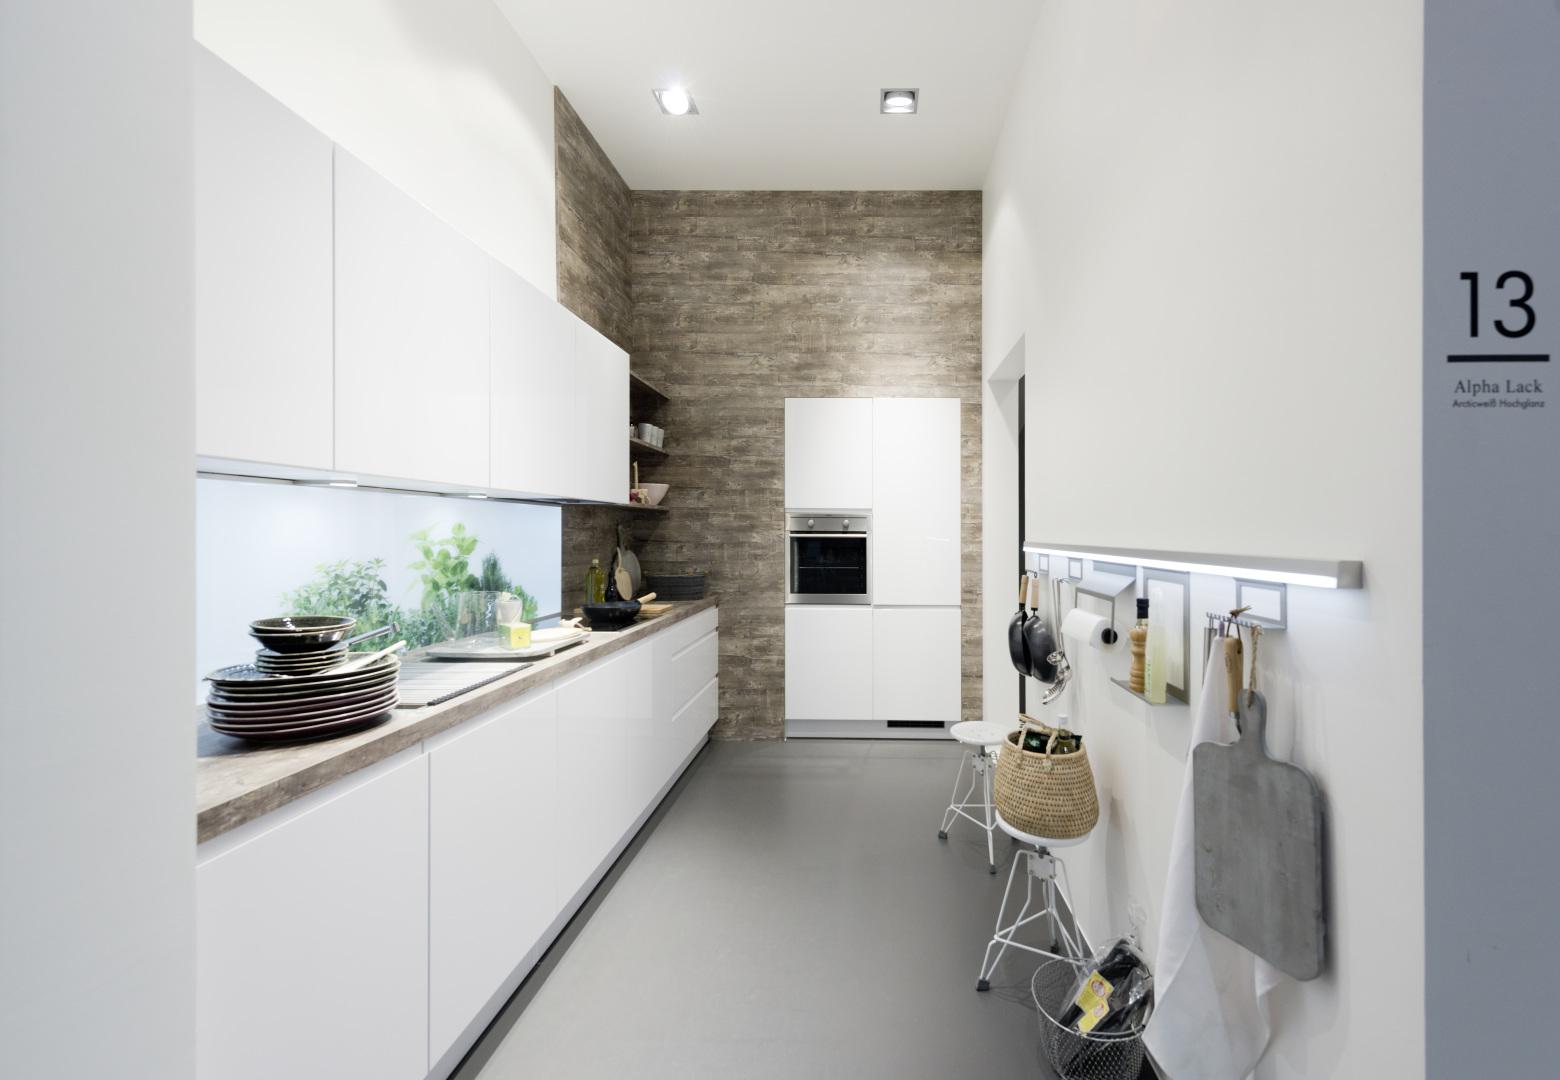 bezuchwytowa kuchnia alpha lack nolte kuchnia zimny biały lakier połysk